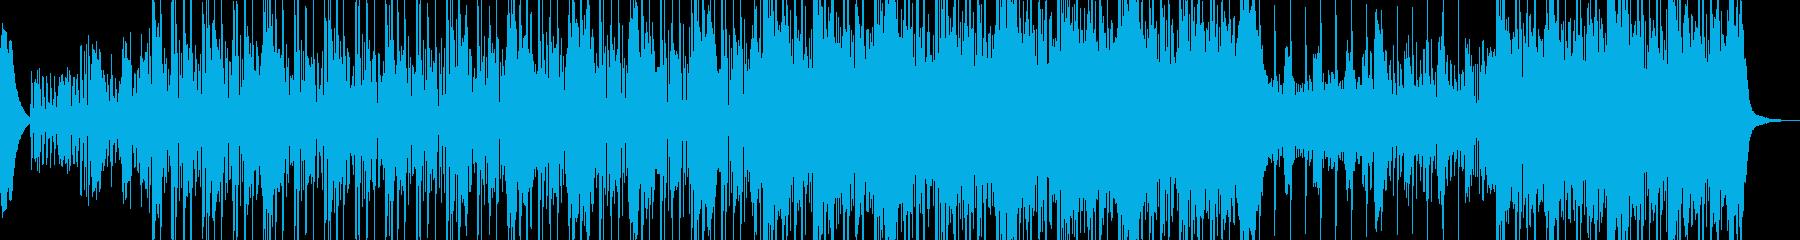 冒険・お香漂う怪しい雰囲気のR&B 短尺の再生済みの波形